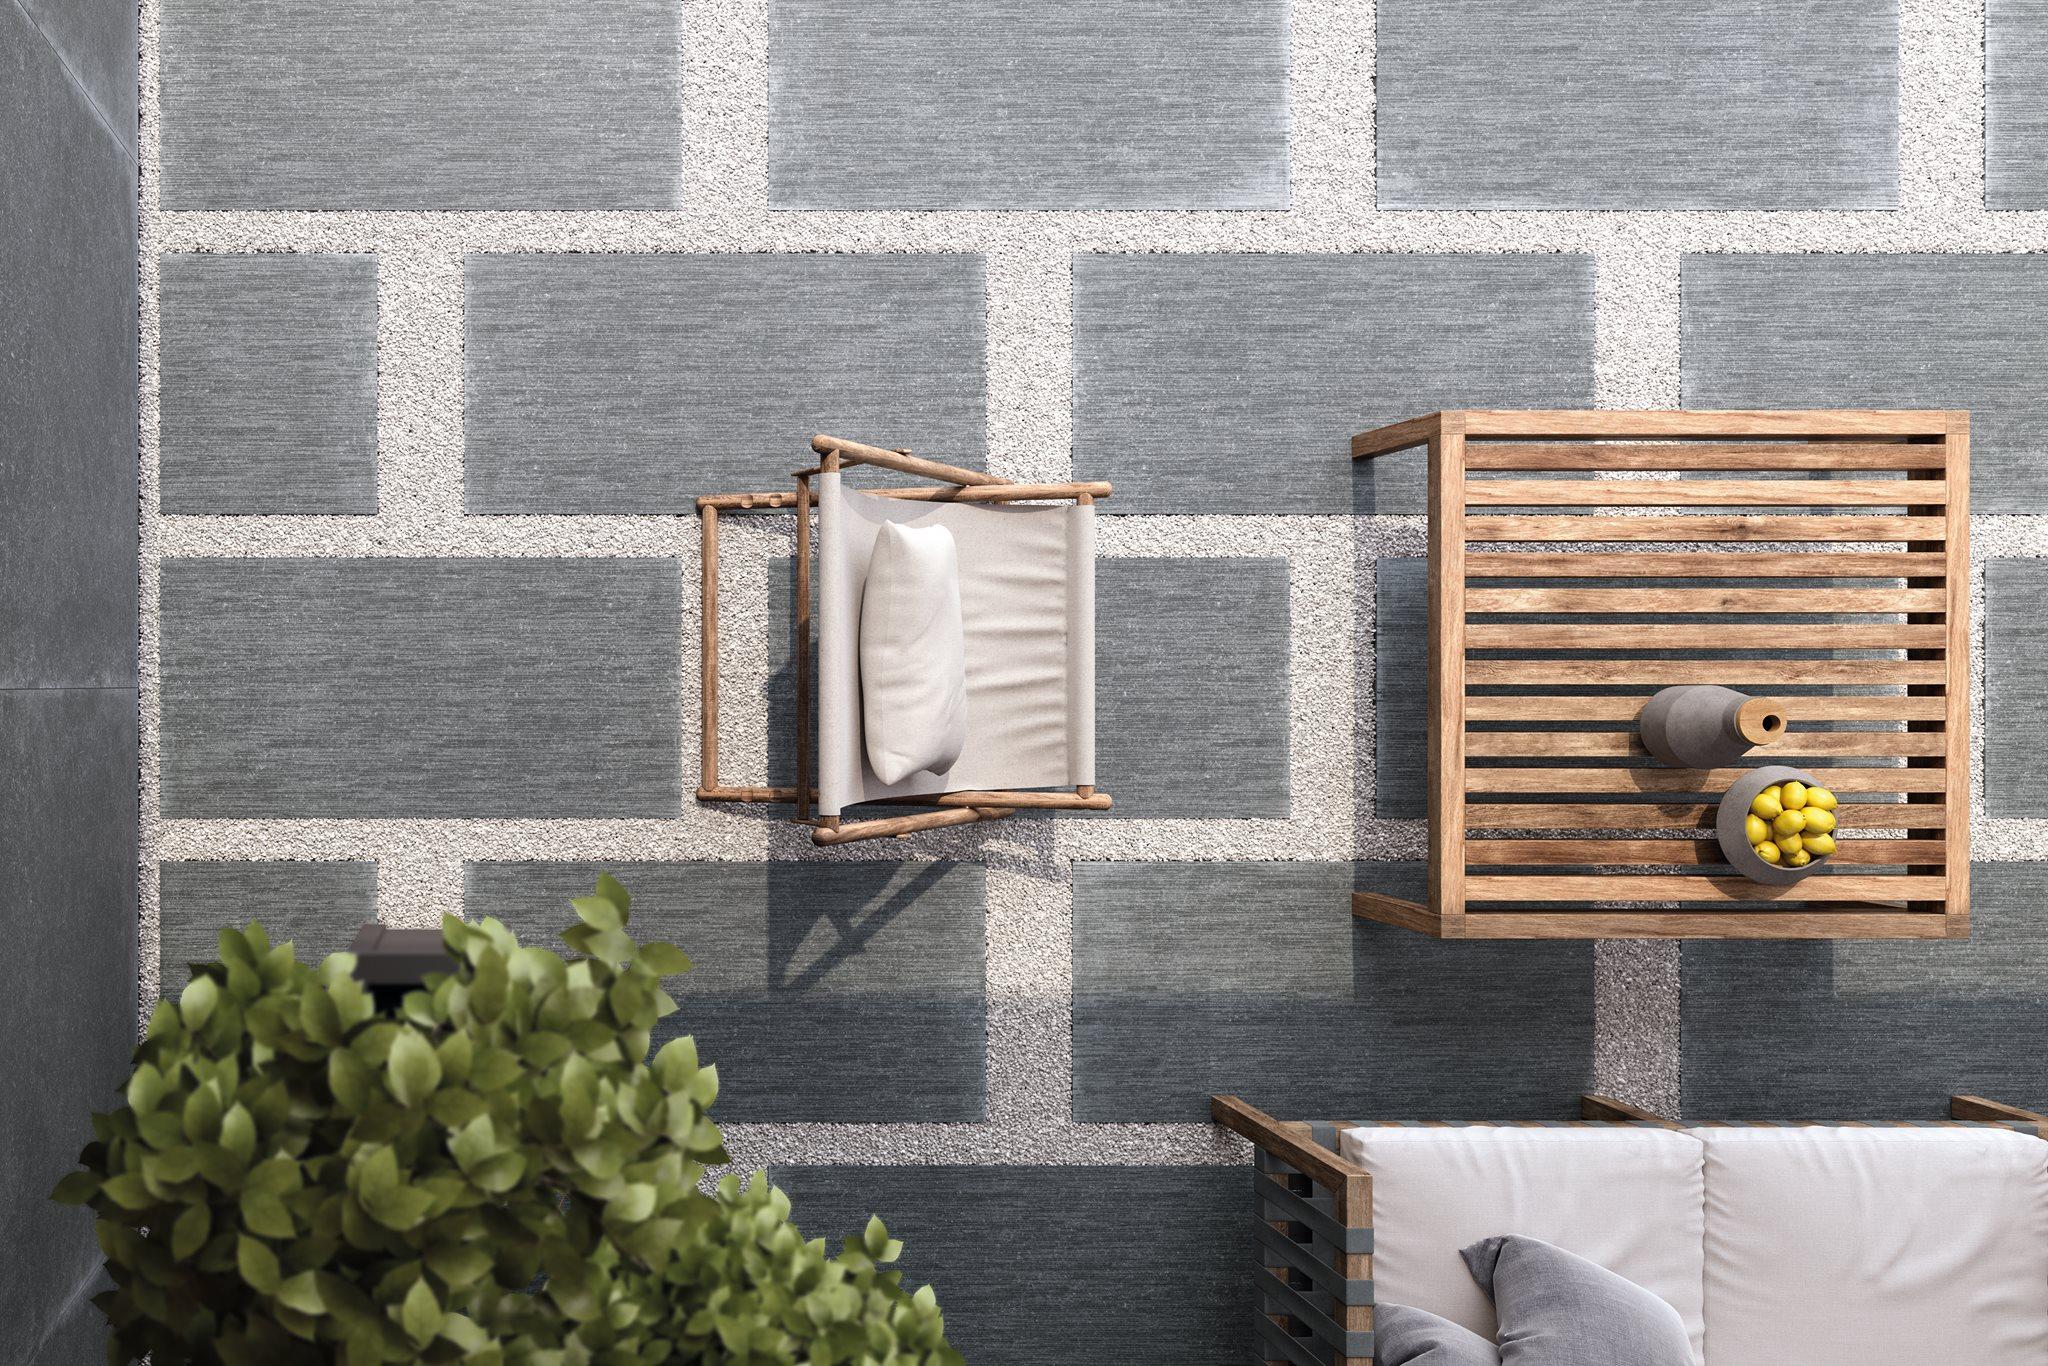 Тренды 2019 года в керамике: от бетона до паркета